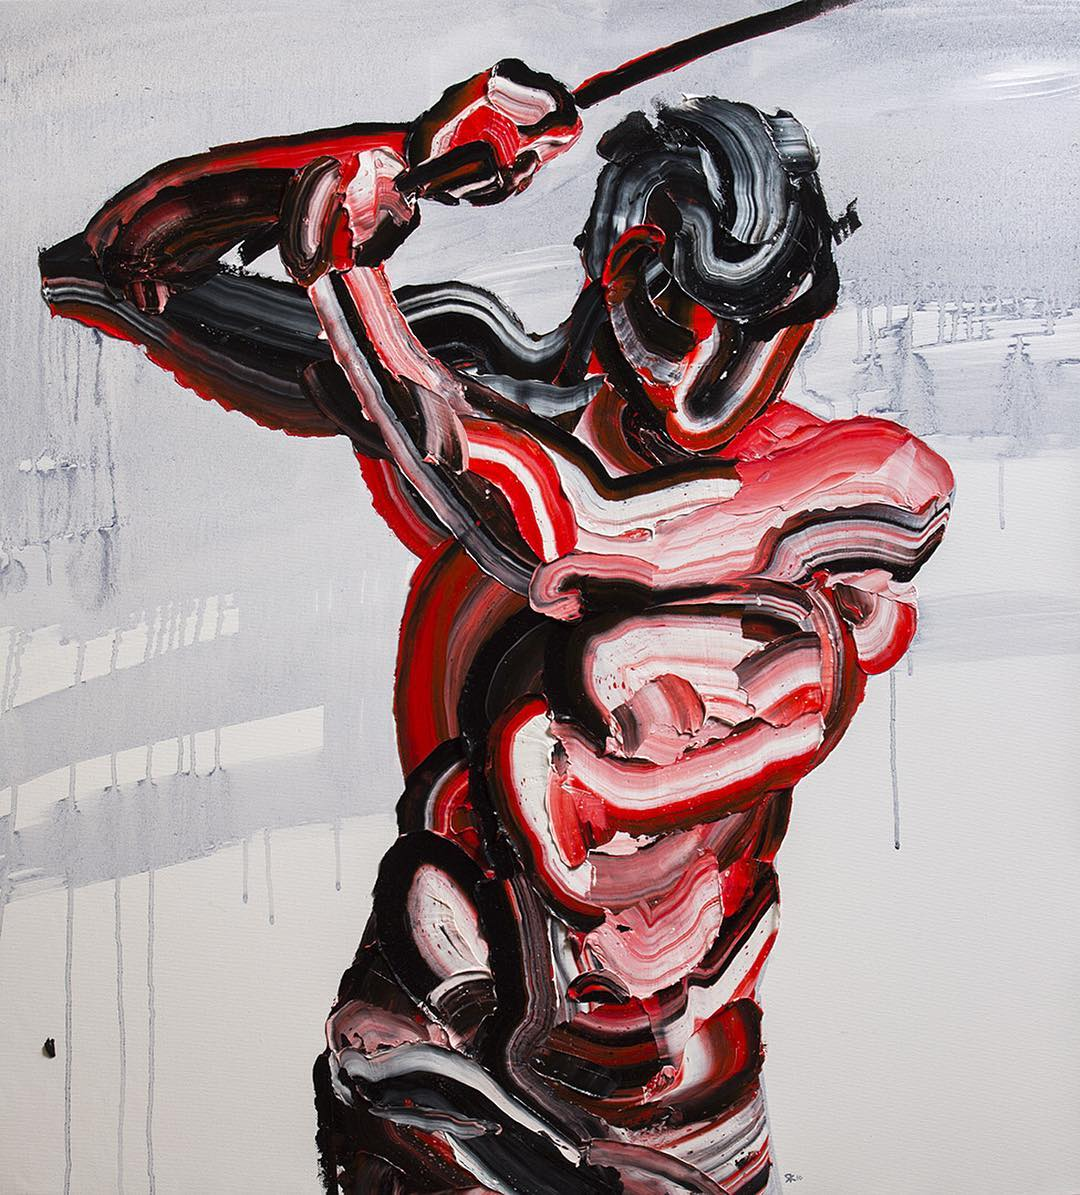 абстрактные композиции, масляная краска, Салман Хошру, Salman Khoshroo